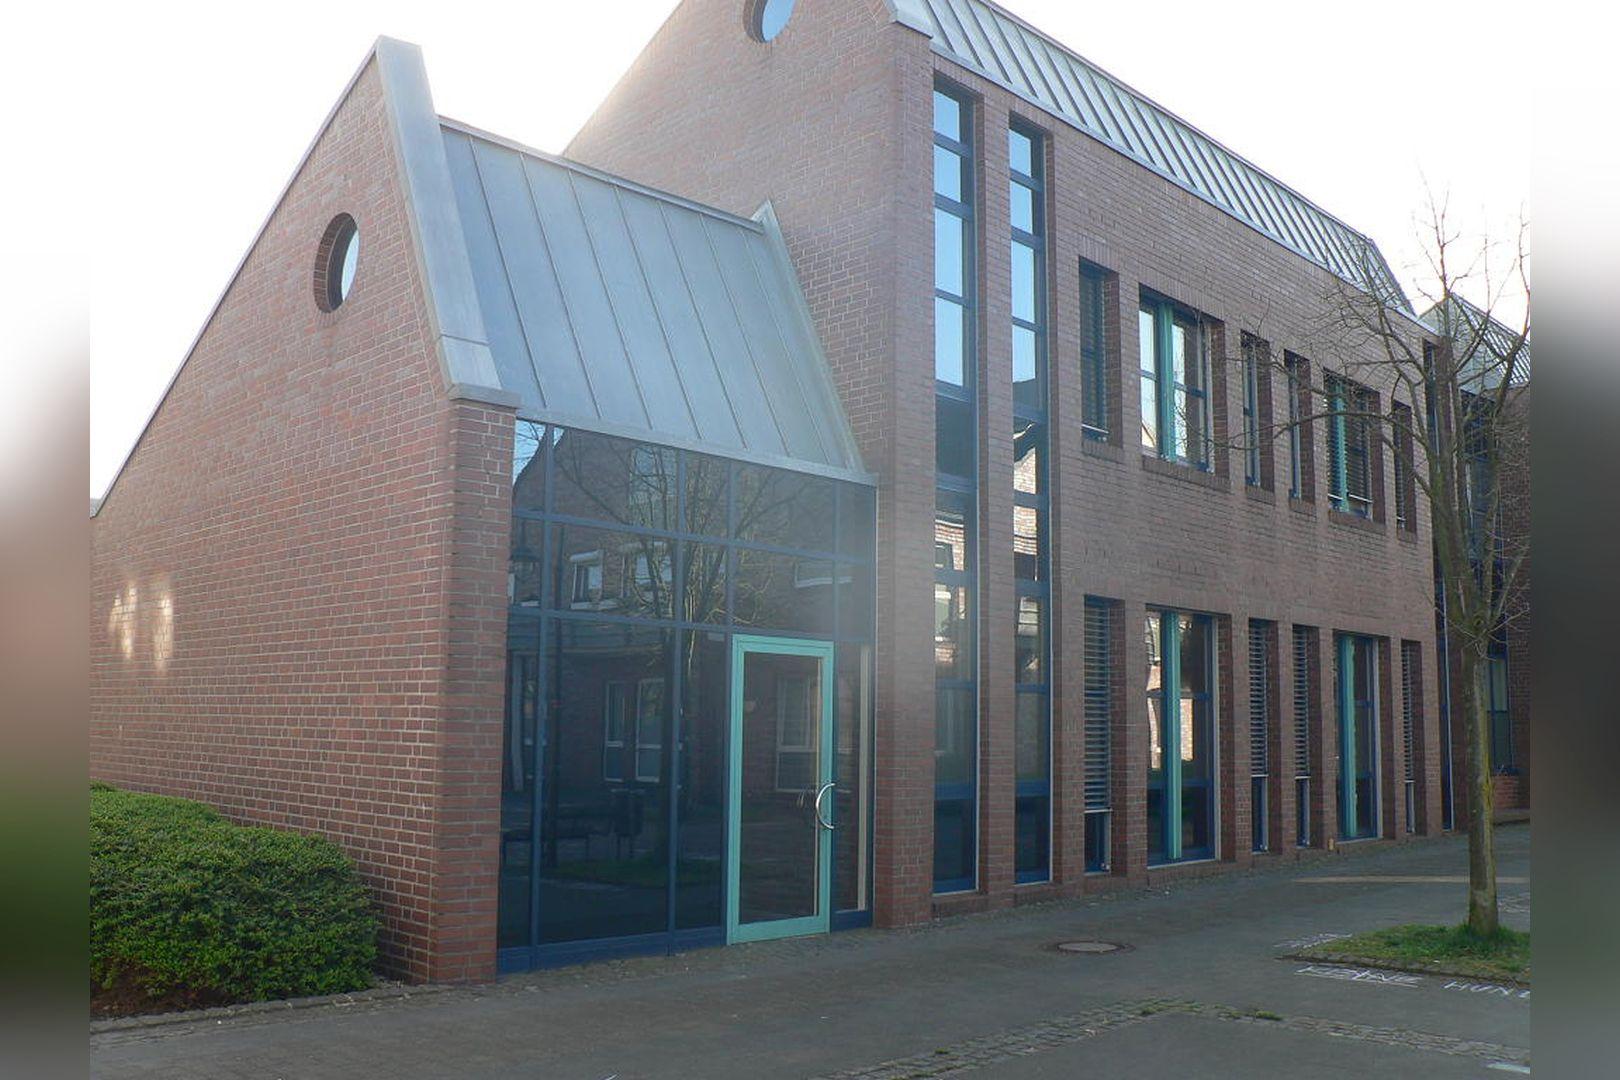 Immobilie Nr.0200 - Gut vermietete Büro- und Praxisflächen mit Tiefgarage und Außenstellplätzen - Bild 5.jpg